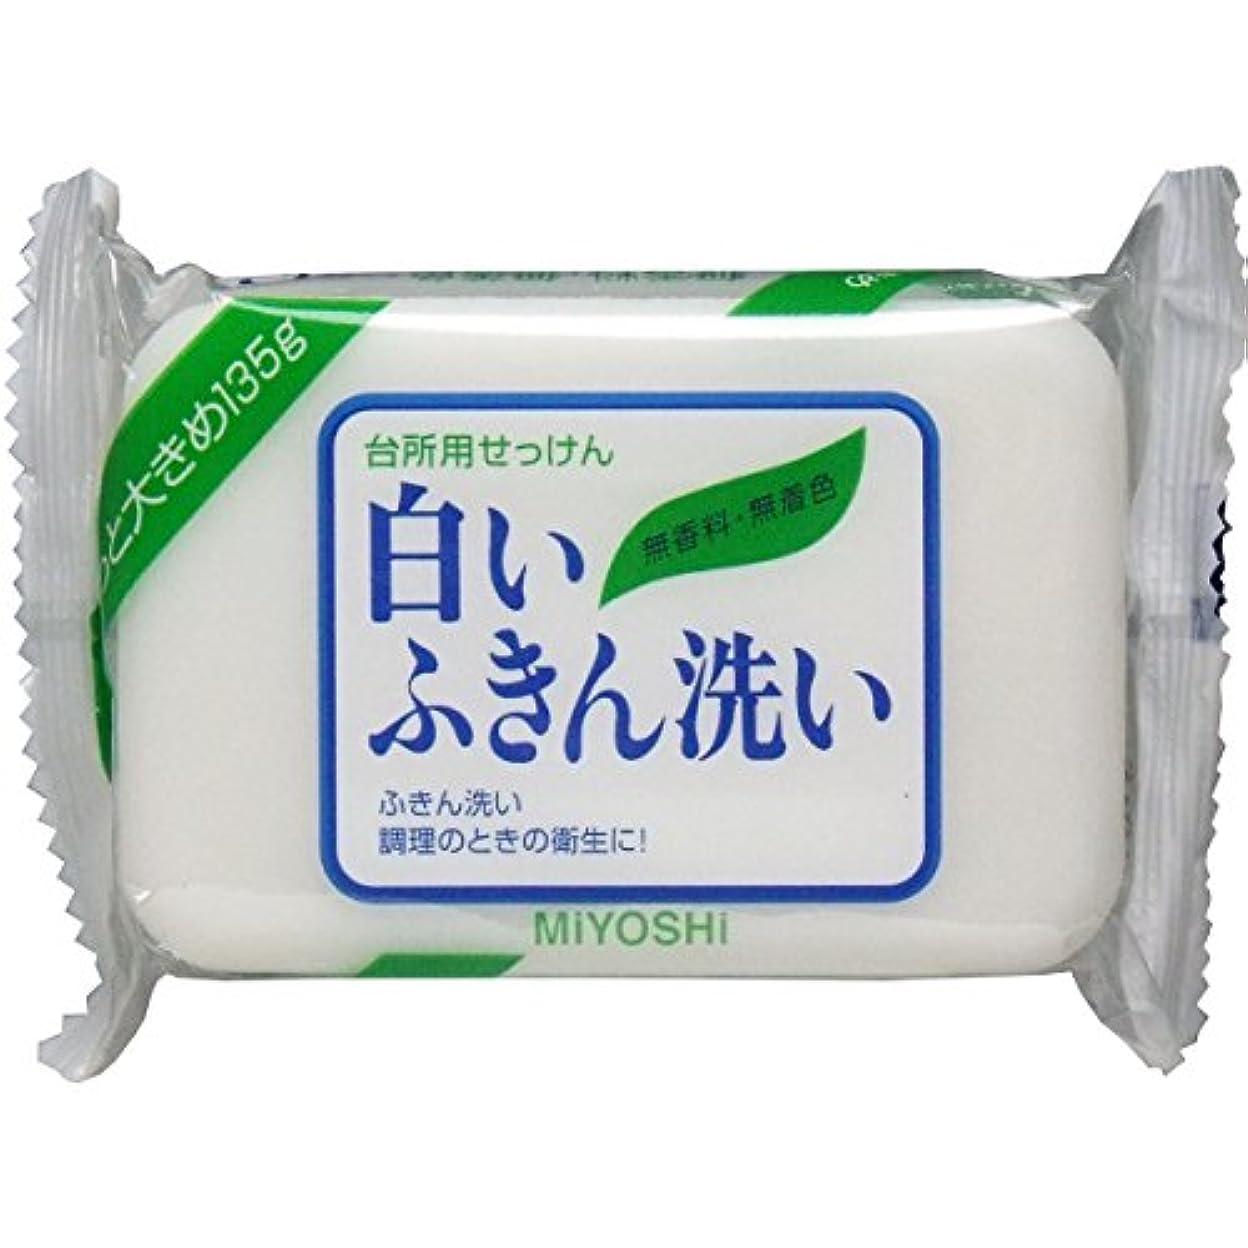 パントリー神話天皇ミヨシ石鹸 白いふきん洗い